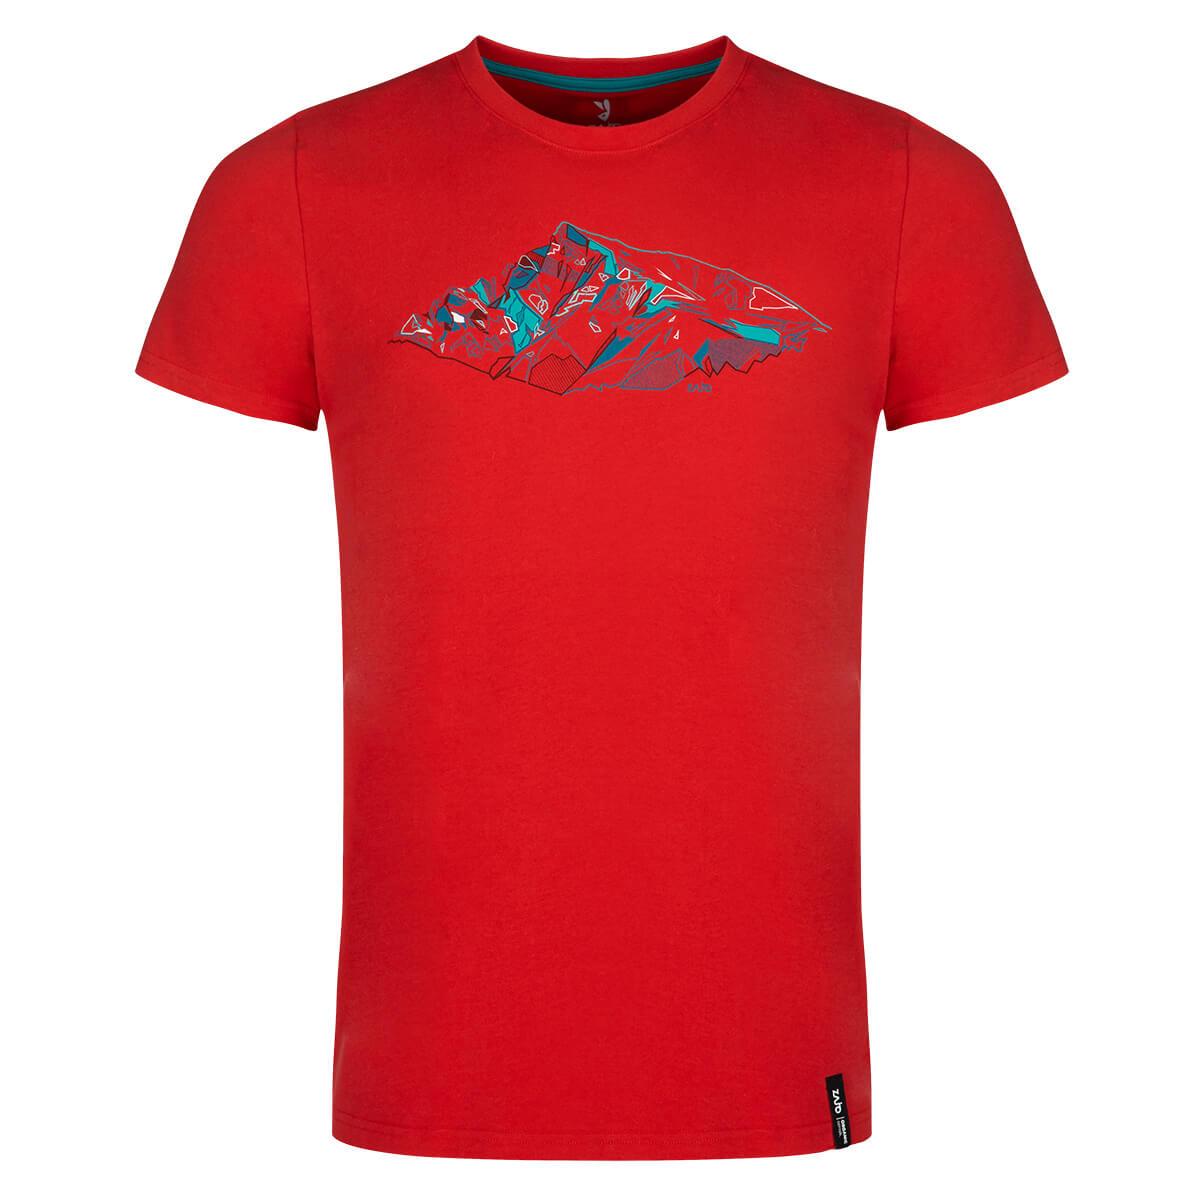 ZAJO Bormio T-Shirt SS pánske tričko Racing Red Peak - veľkosť S